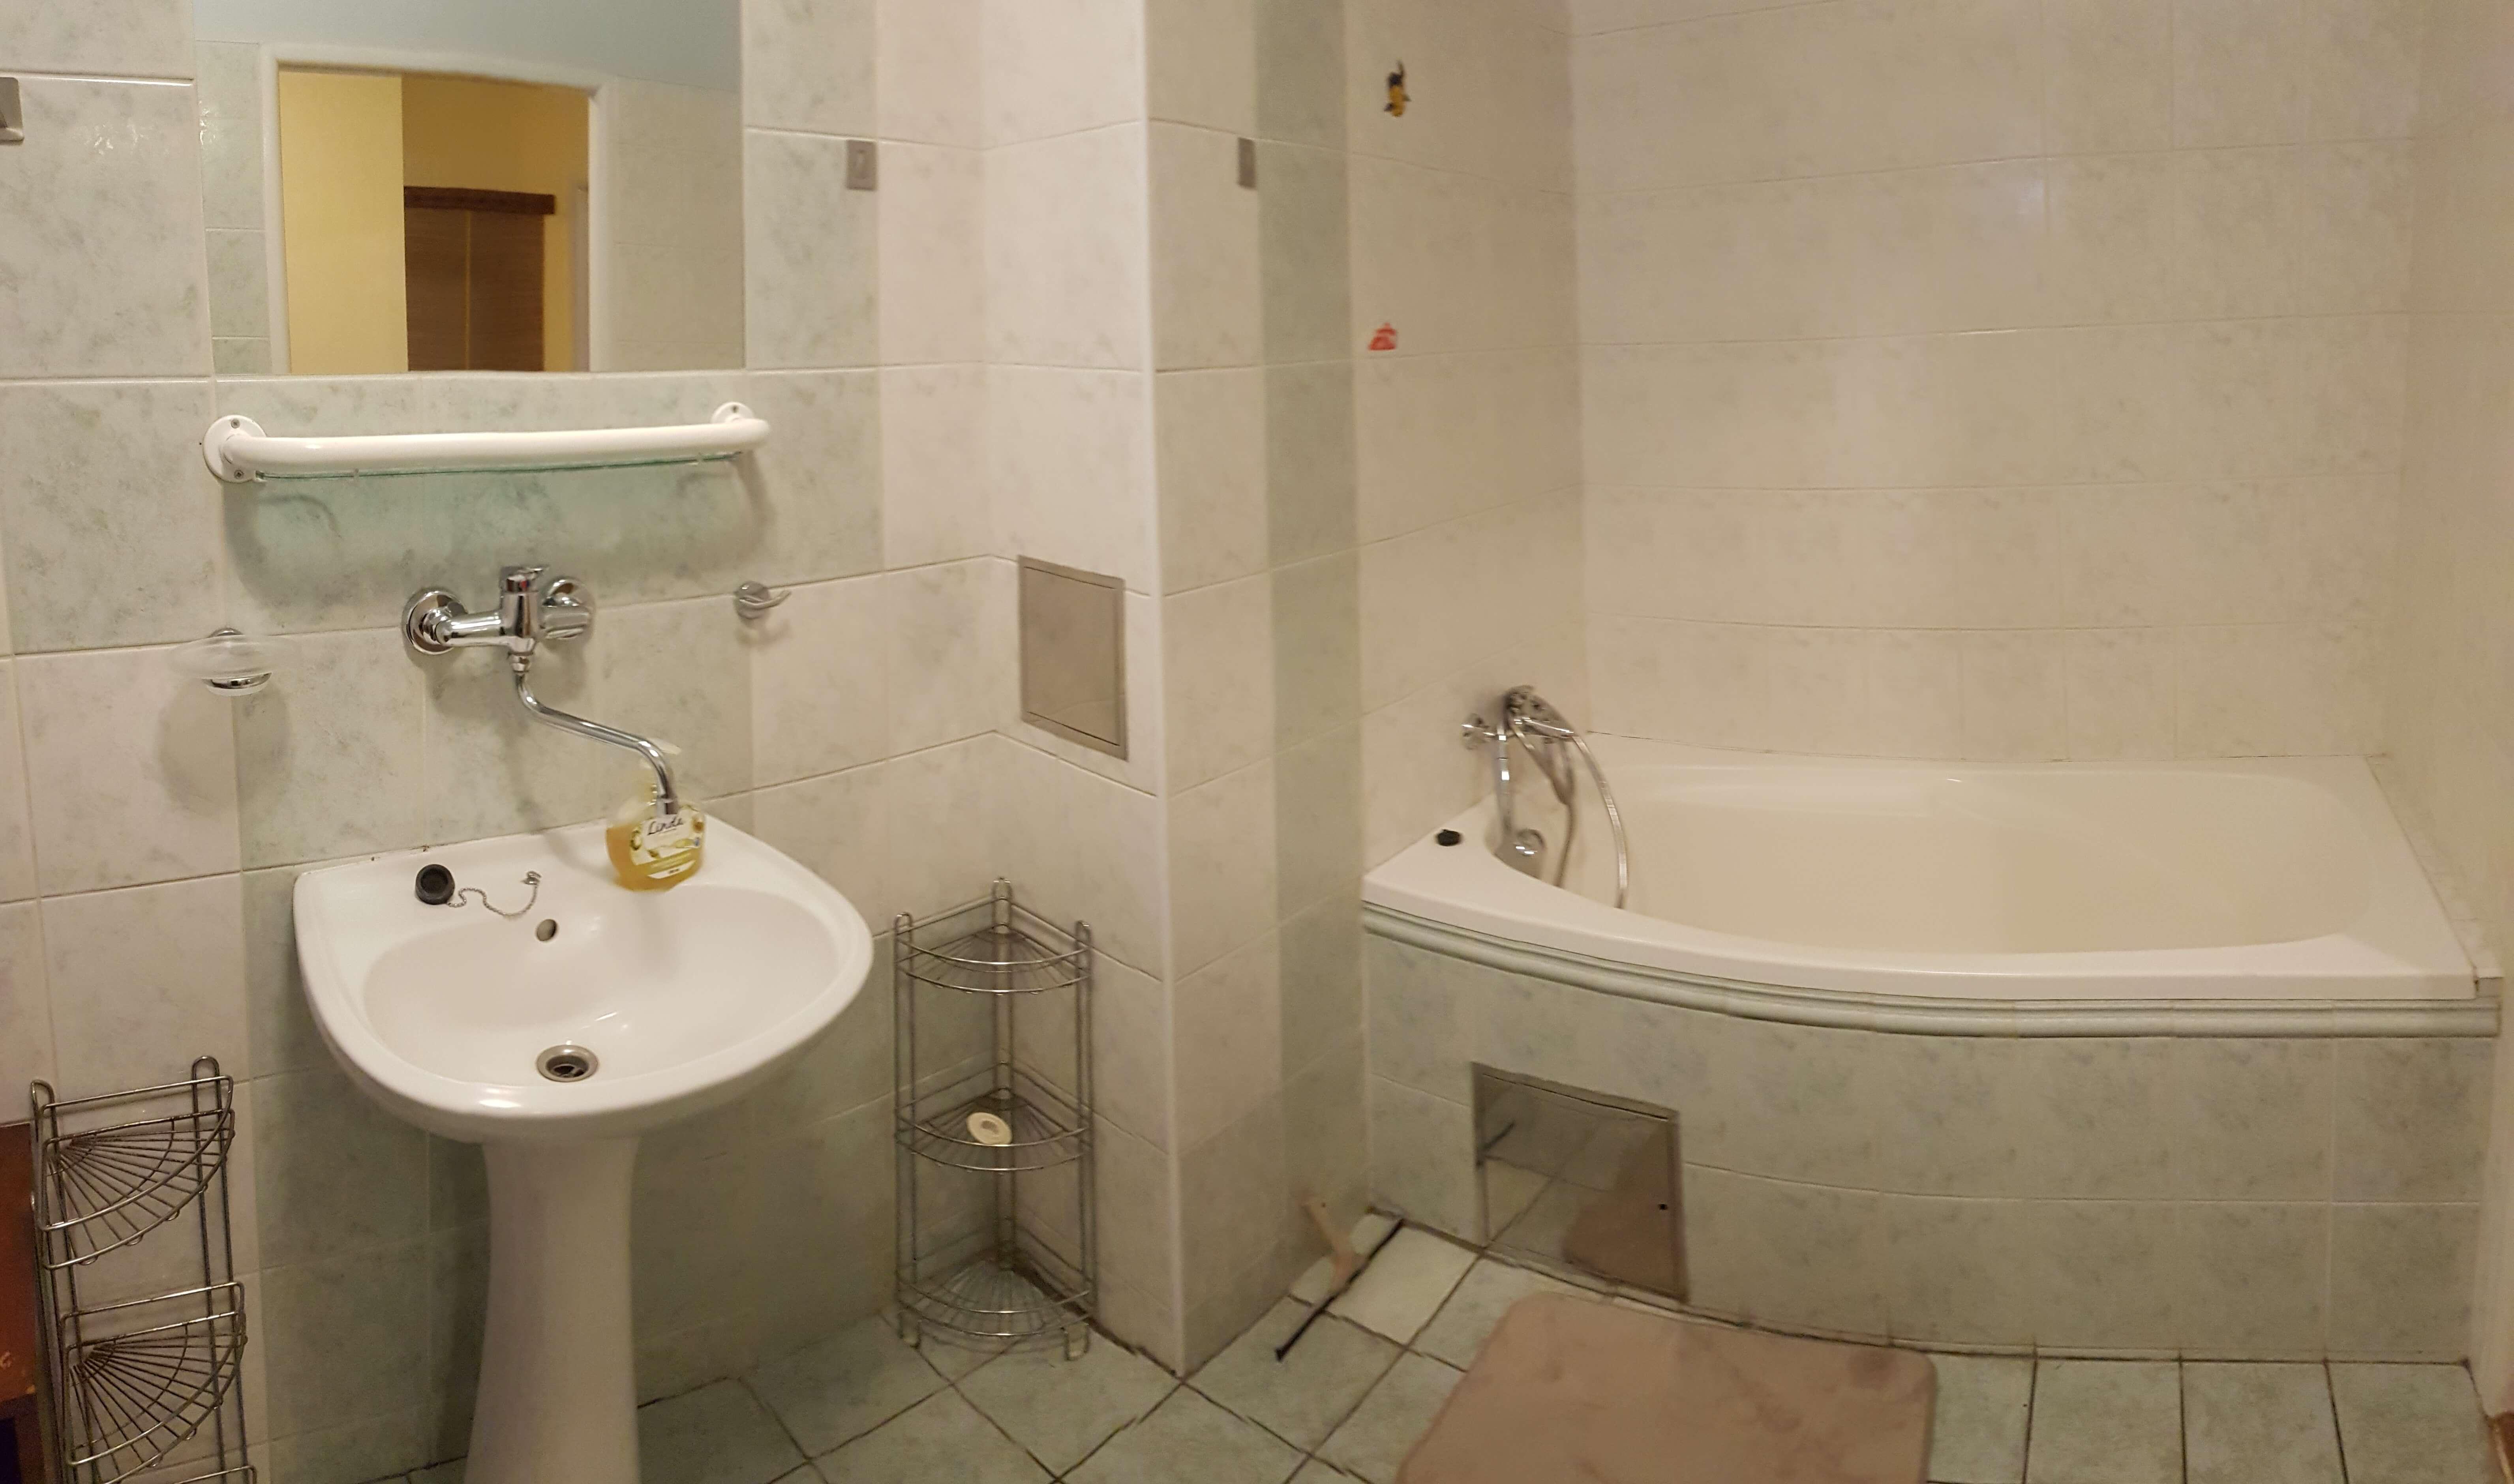 Predaj exkluzívneho 2 izb. bytu, staré mesto, Šancová ulica, Bratislava, 75m2, kompletne zariadený-19